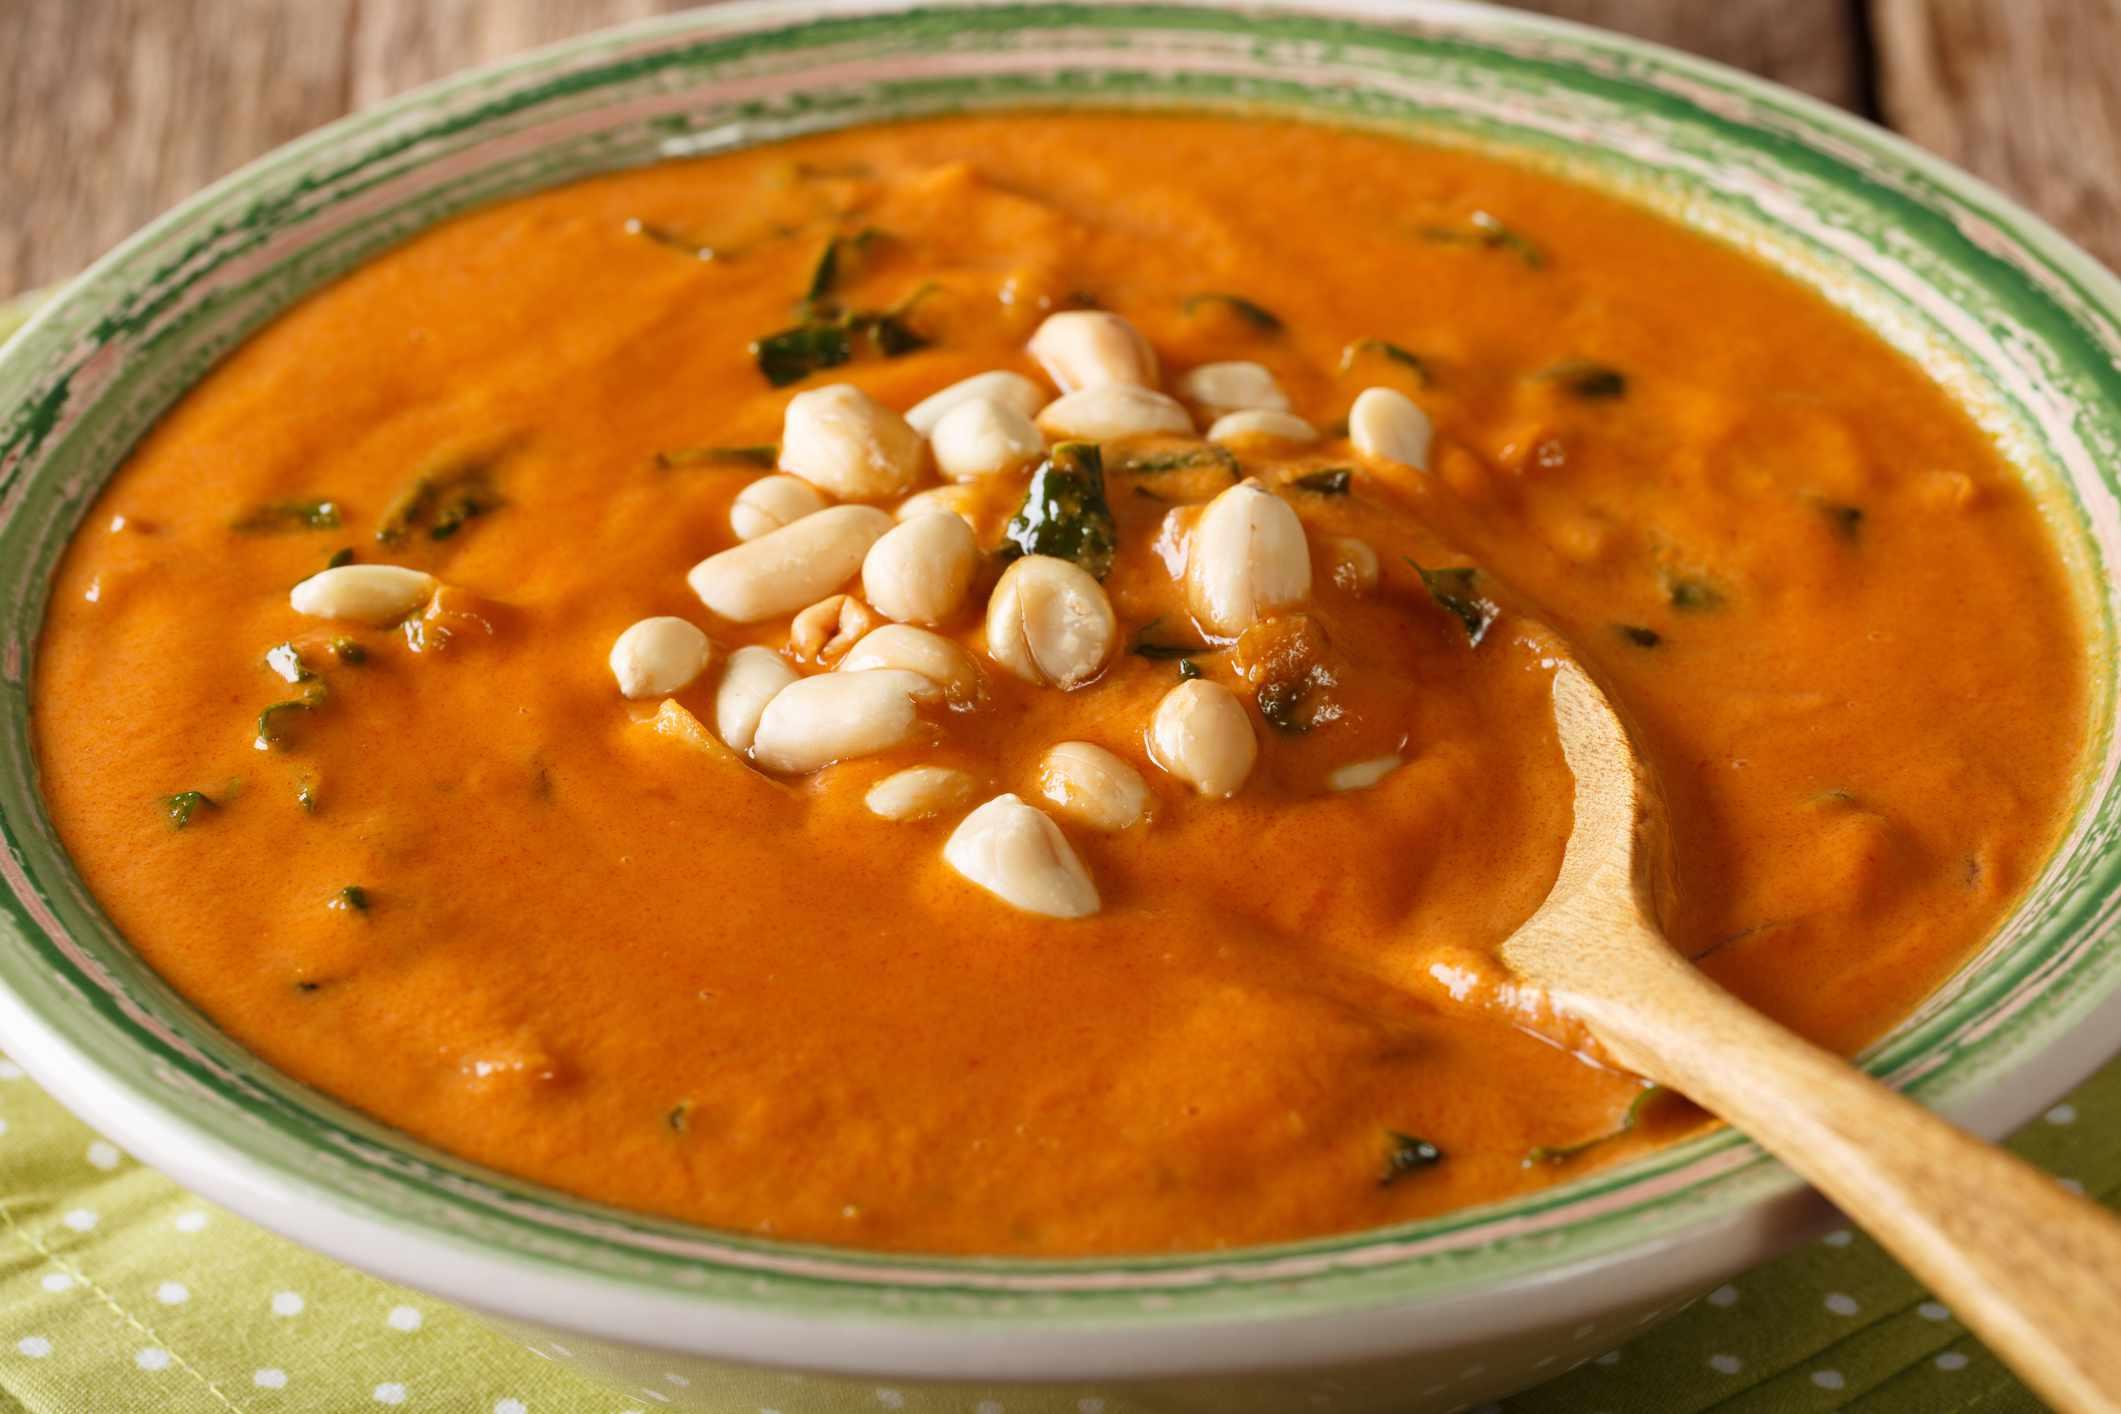 Homemade peanut cream soup close-up. horizontal